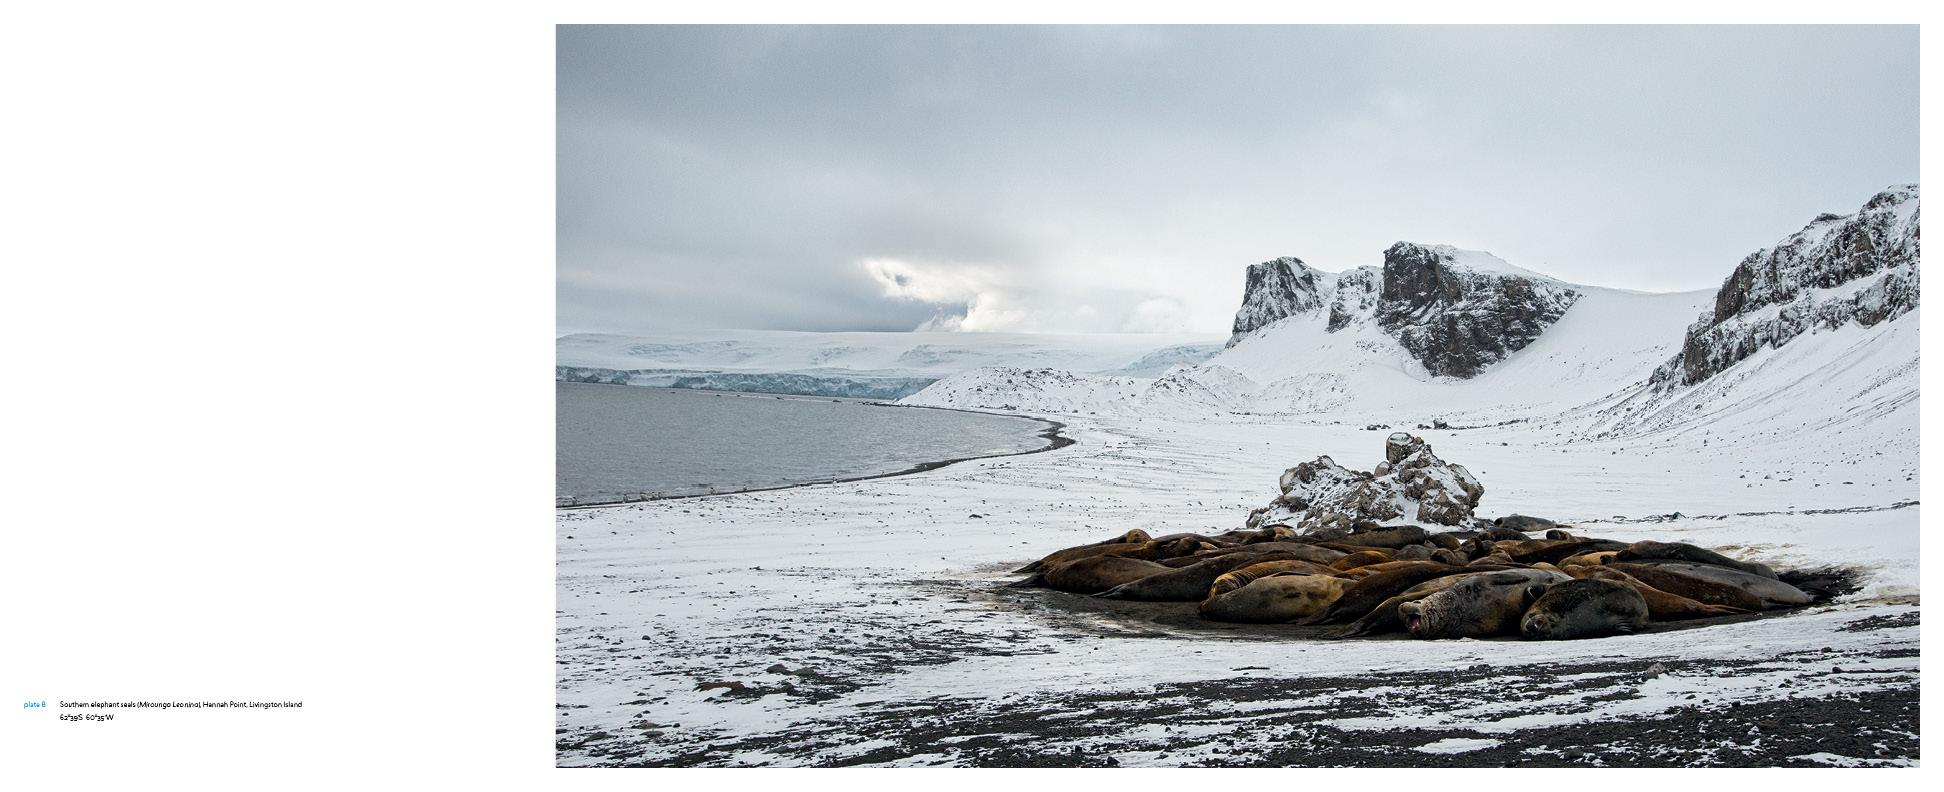 Antarctica_v13_6.jpg